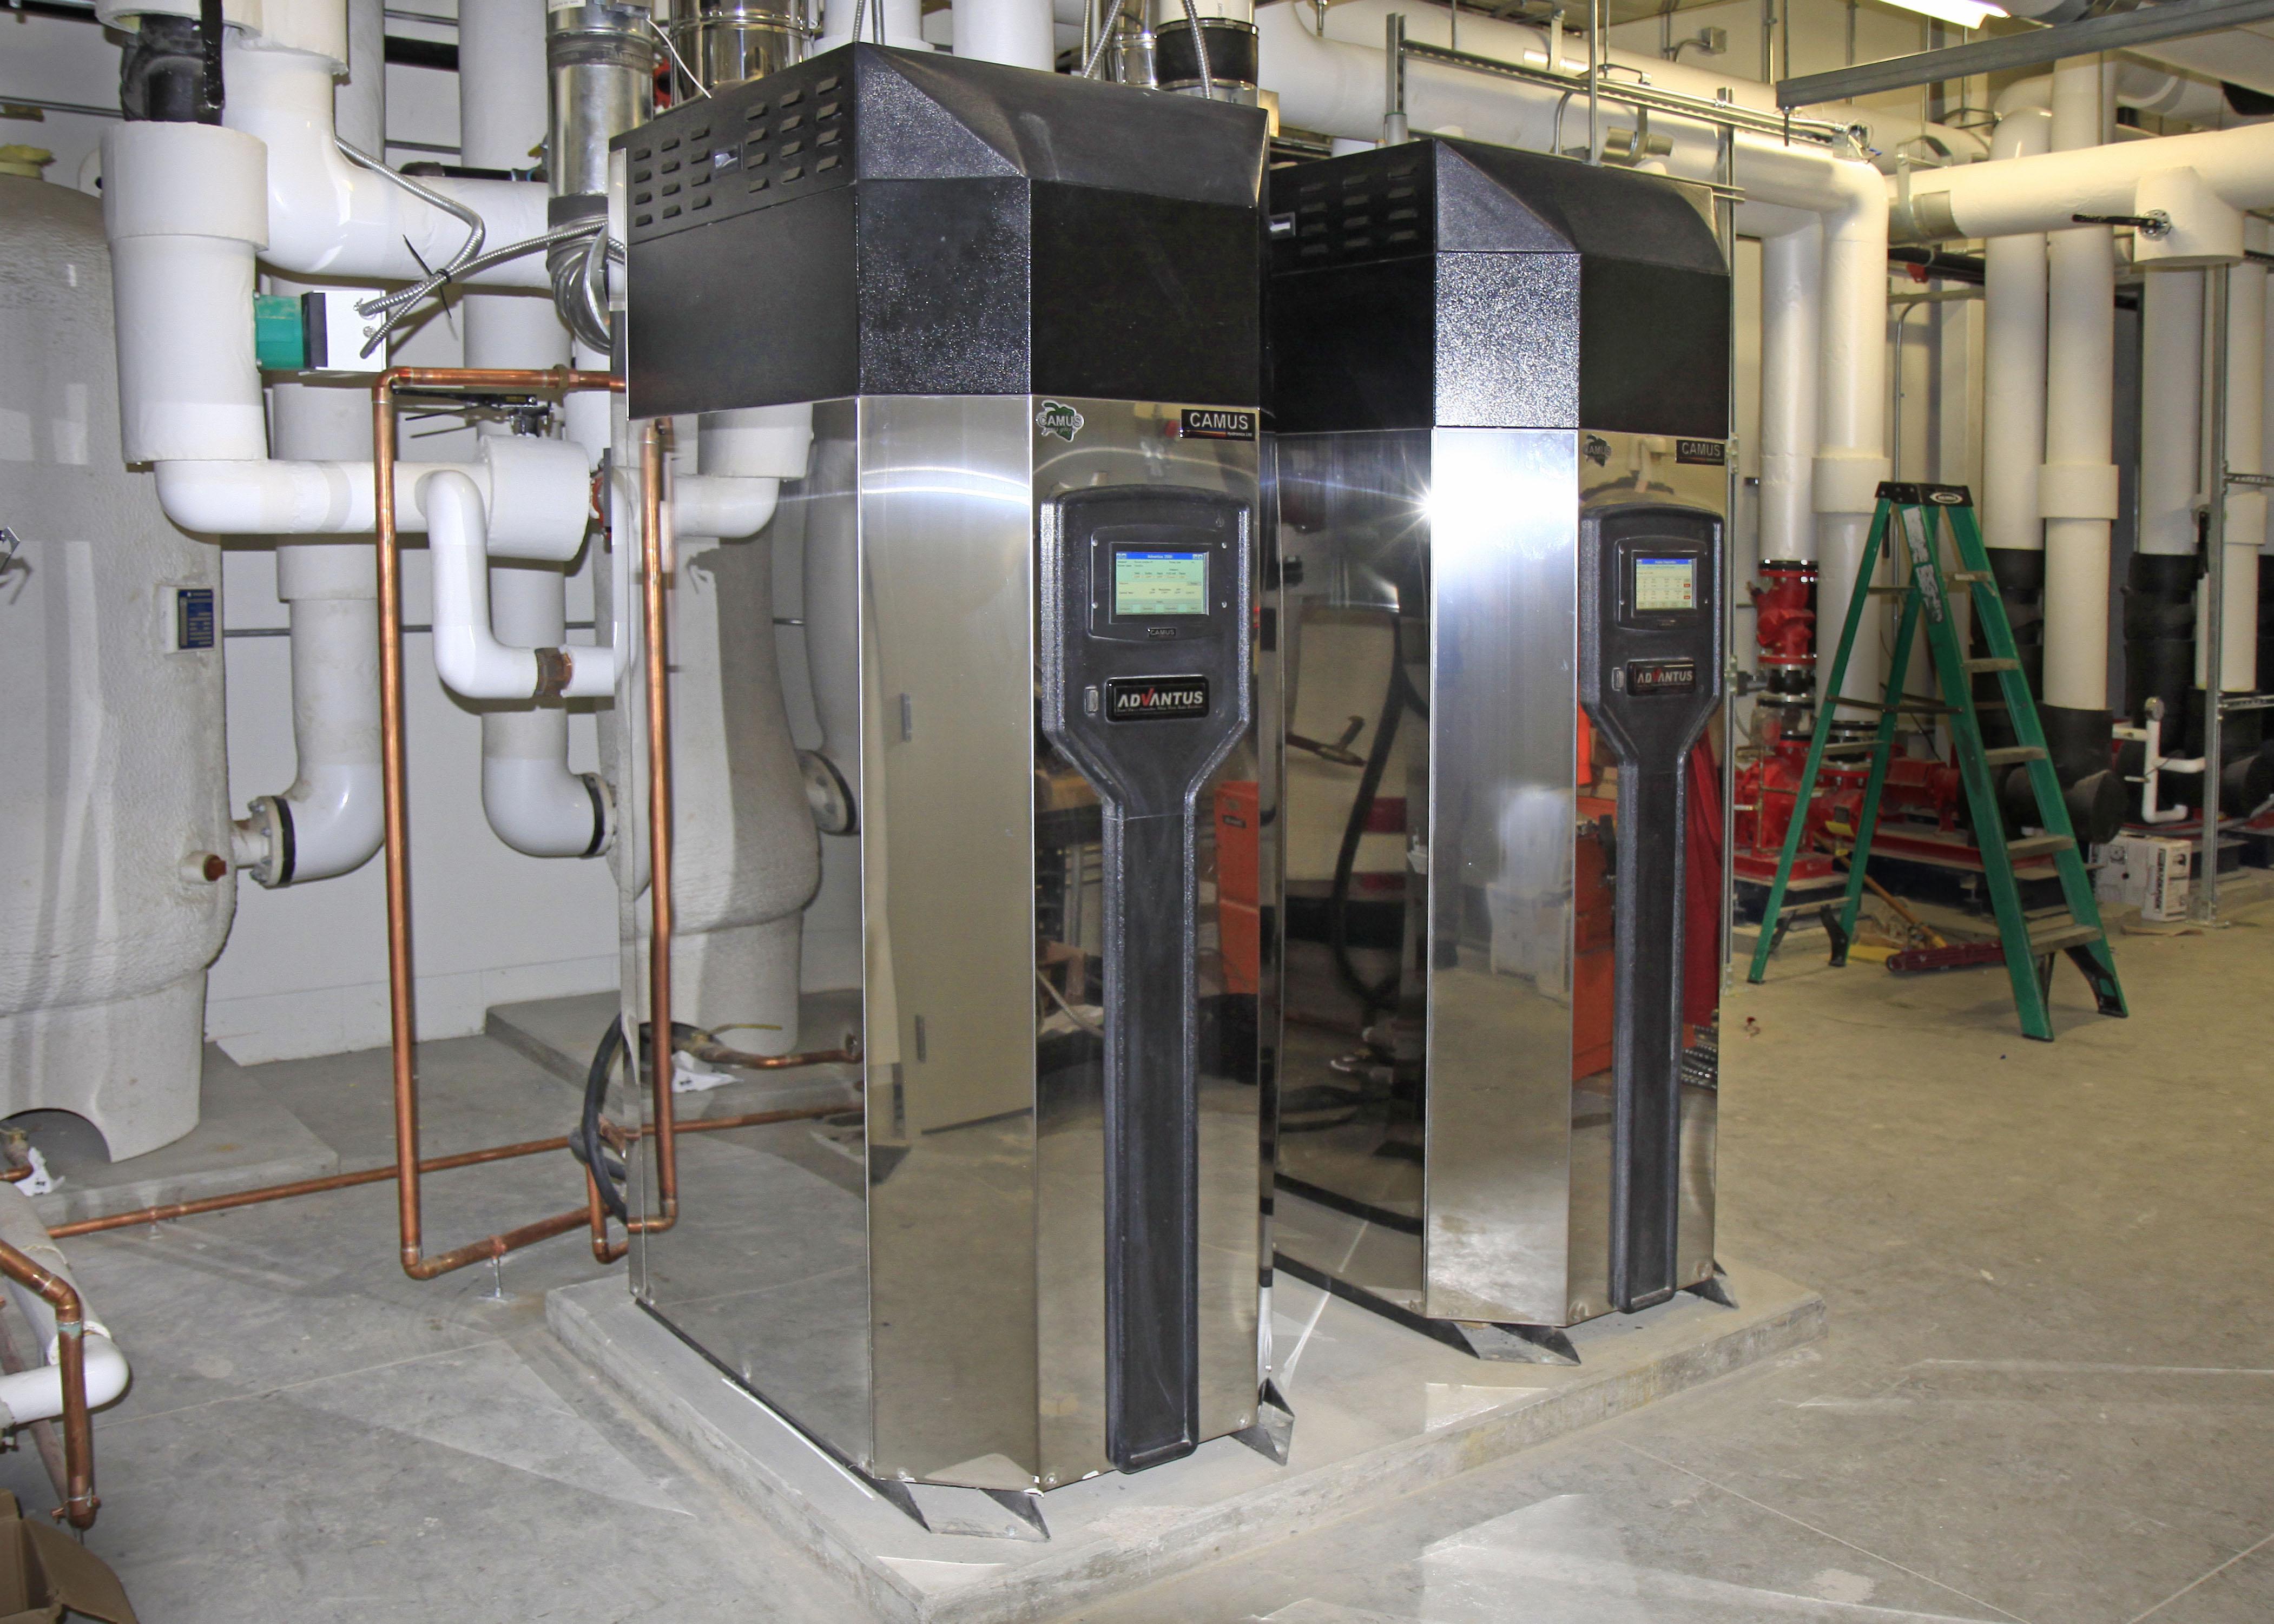 Calentadores - Gas